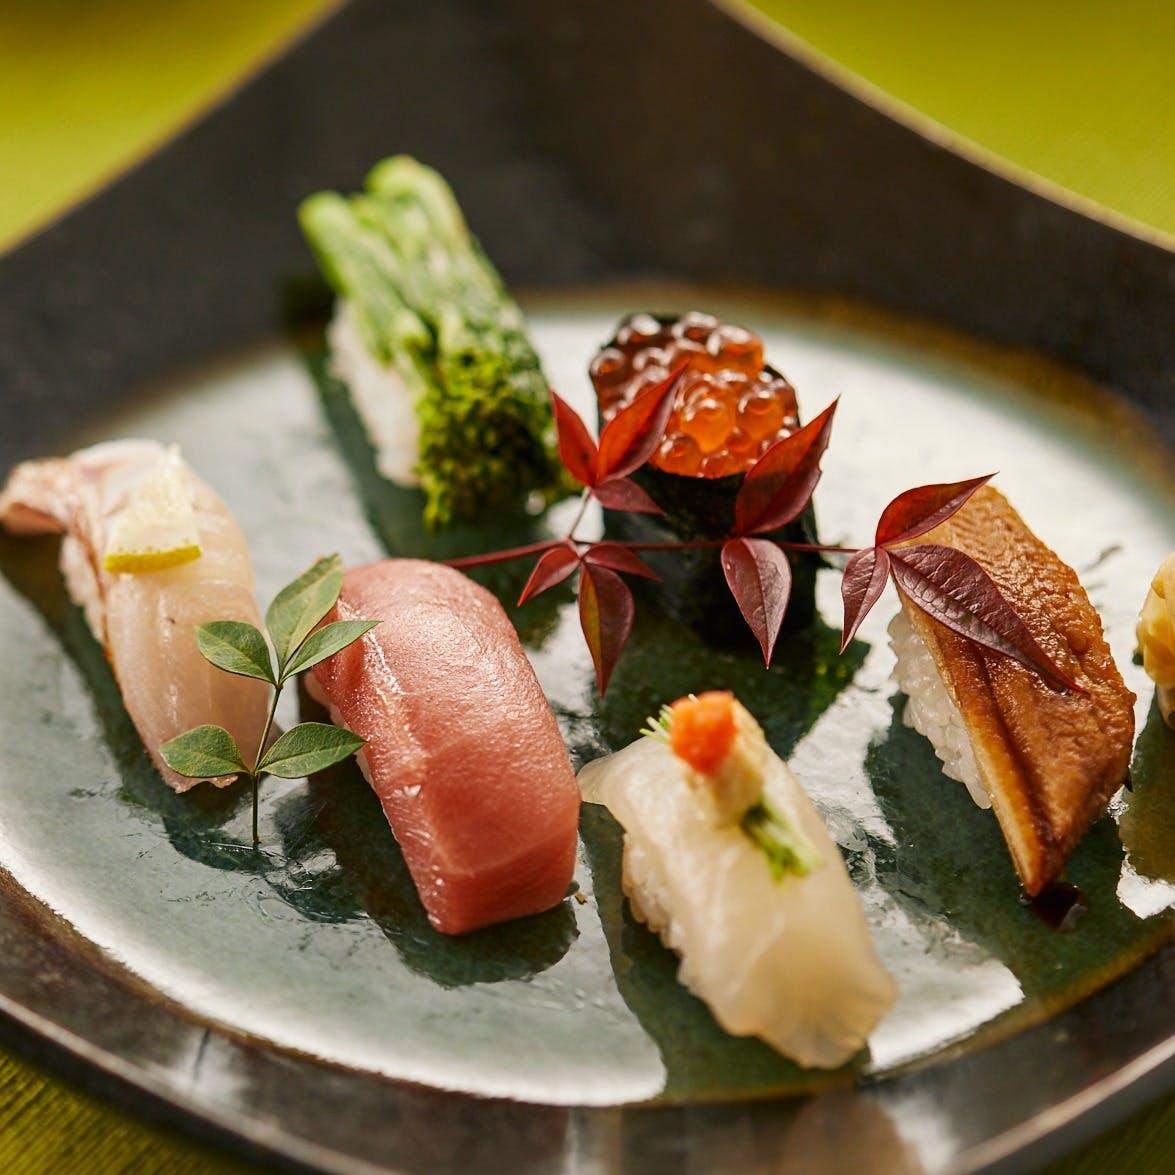 職人の技を愉しめる寿司カウンター・串焼きカウンター